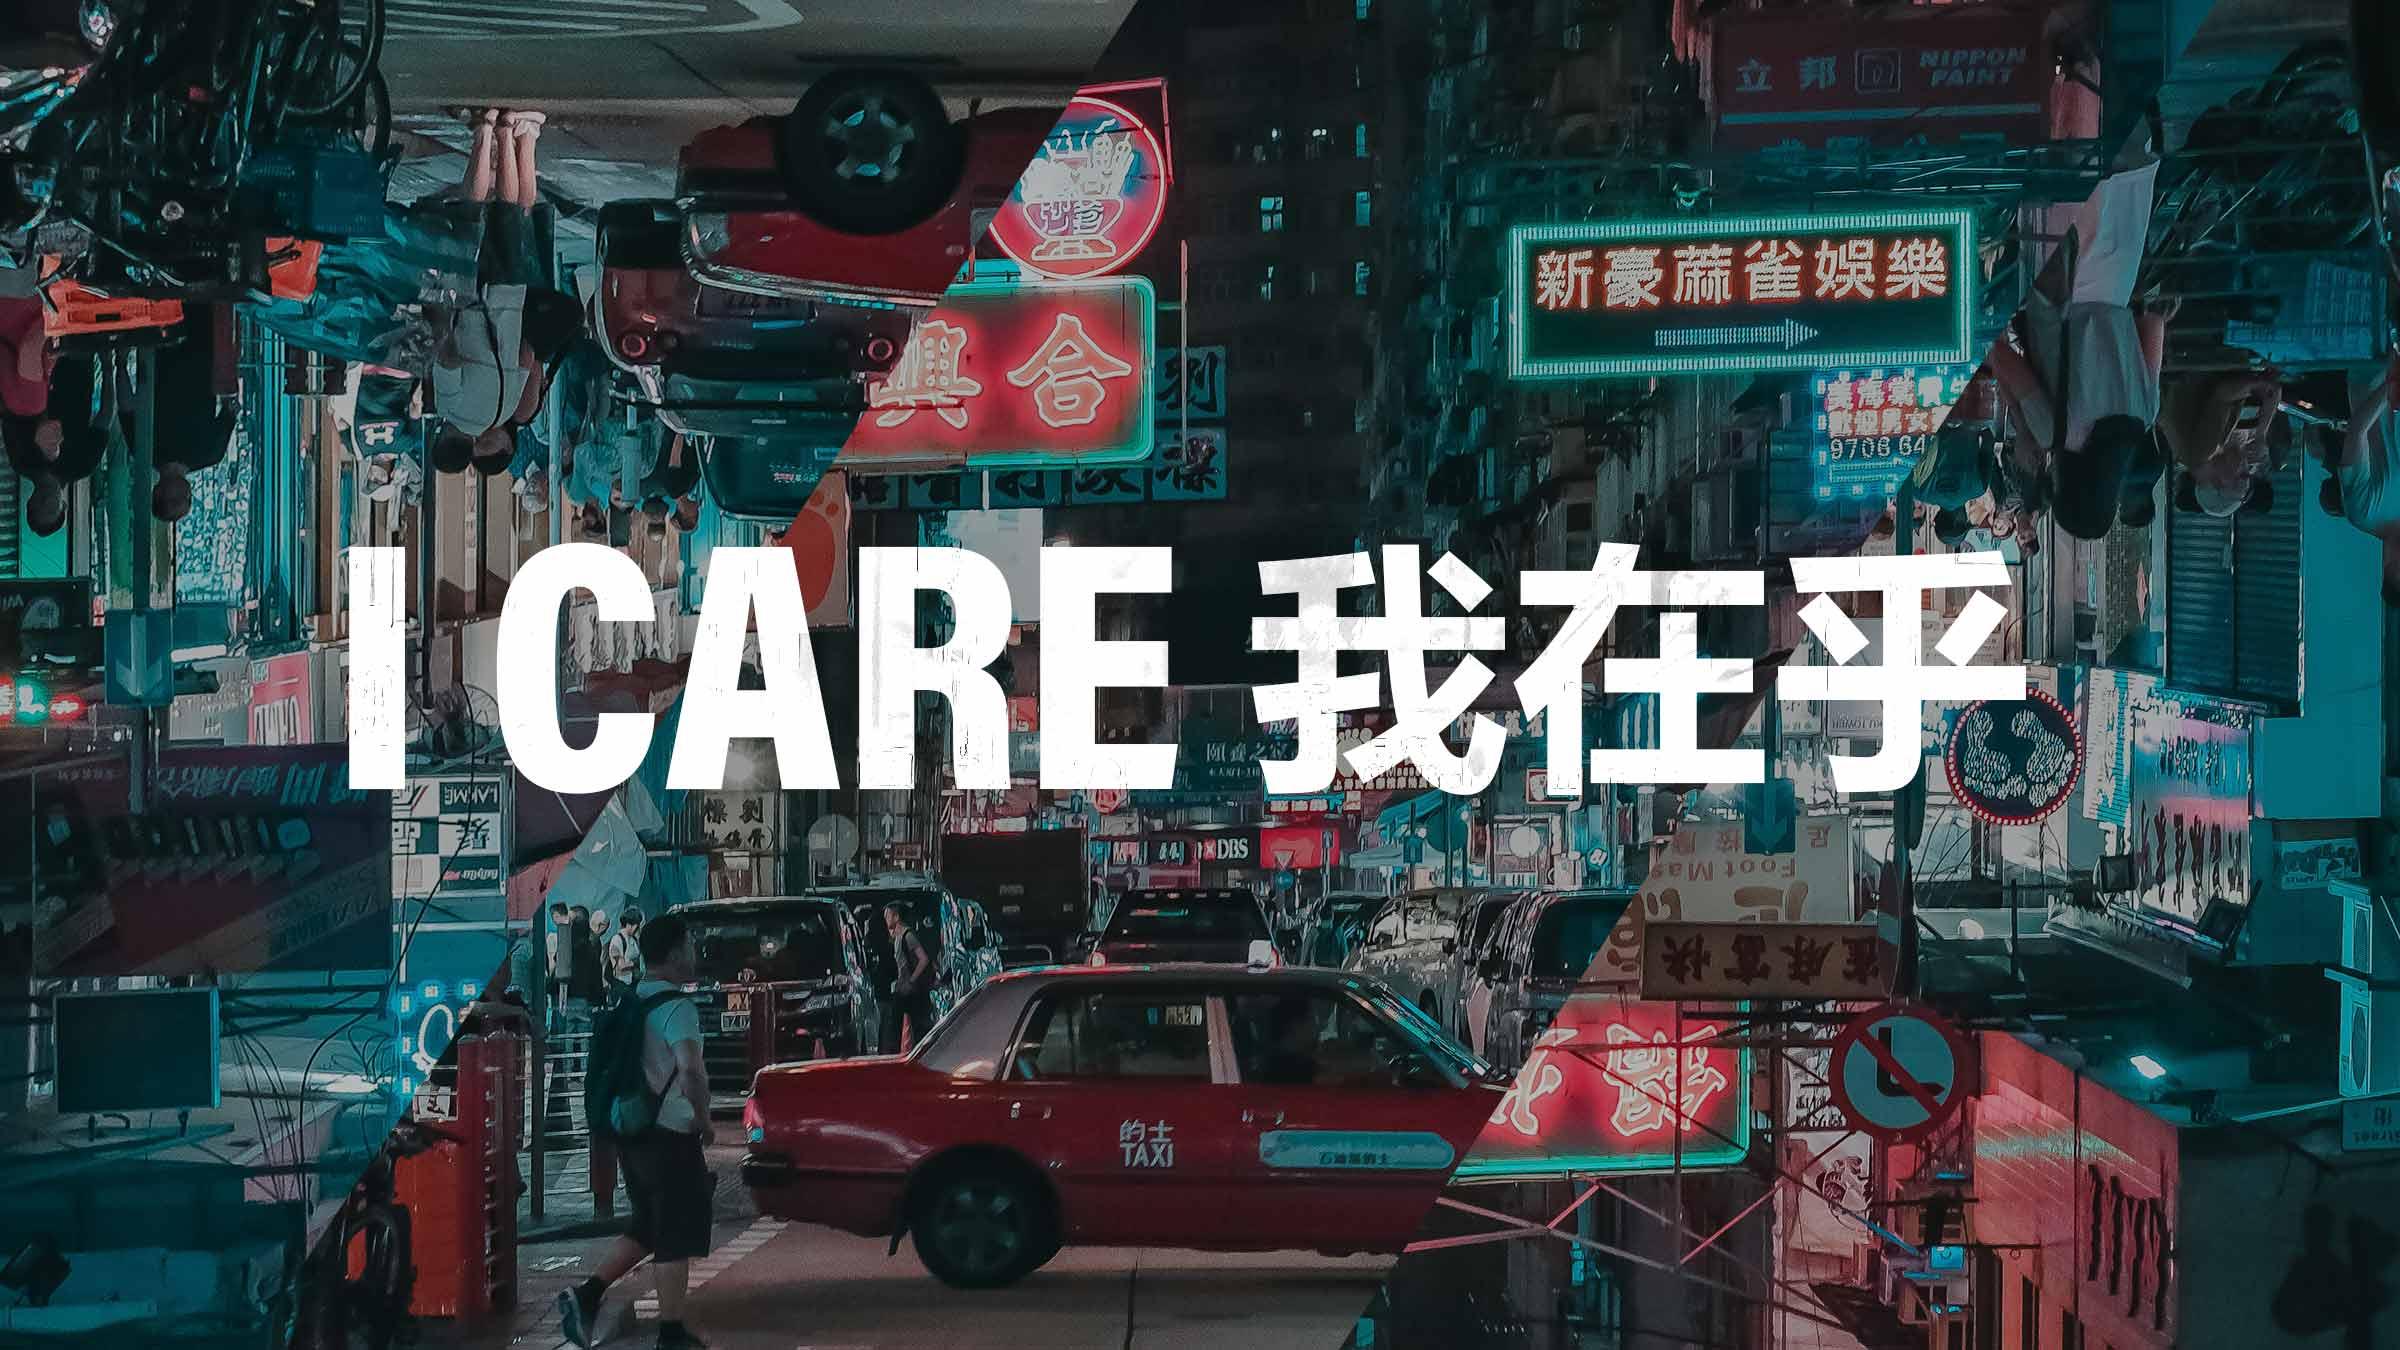 I-Care---Title